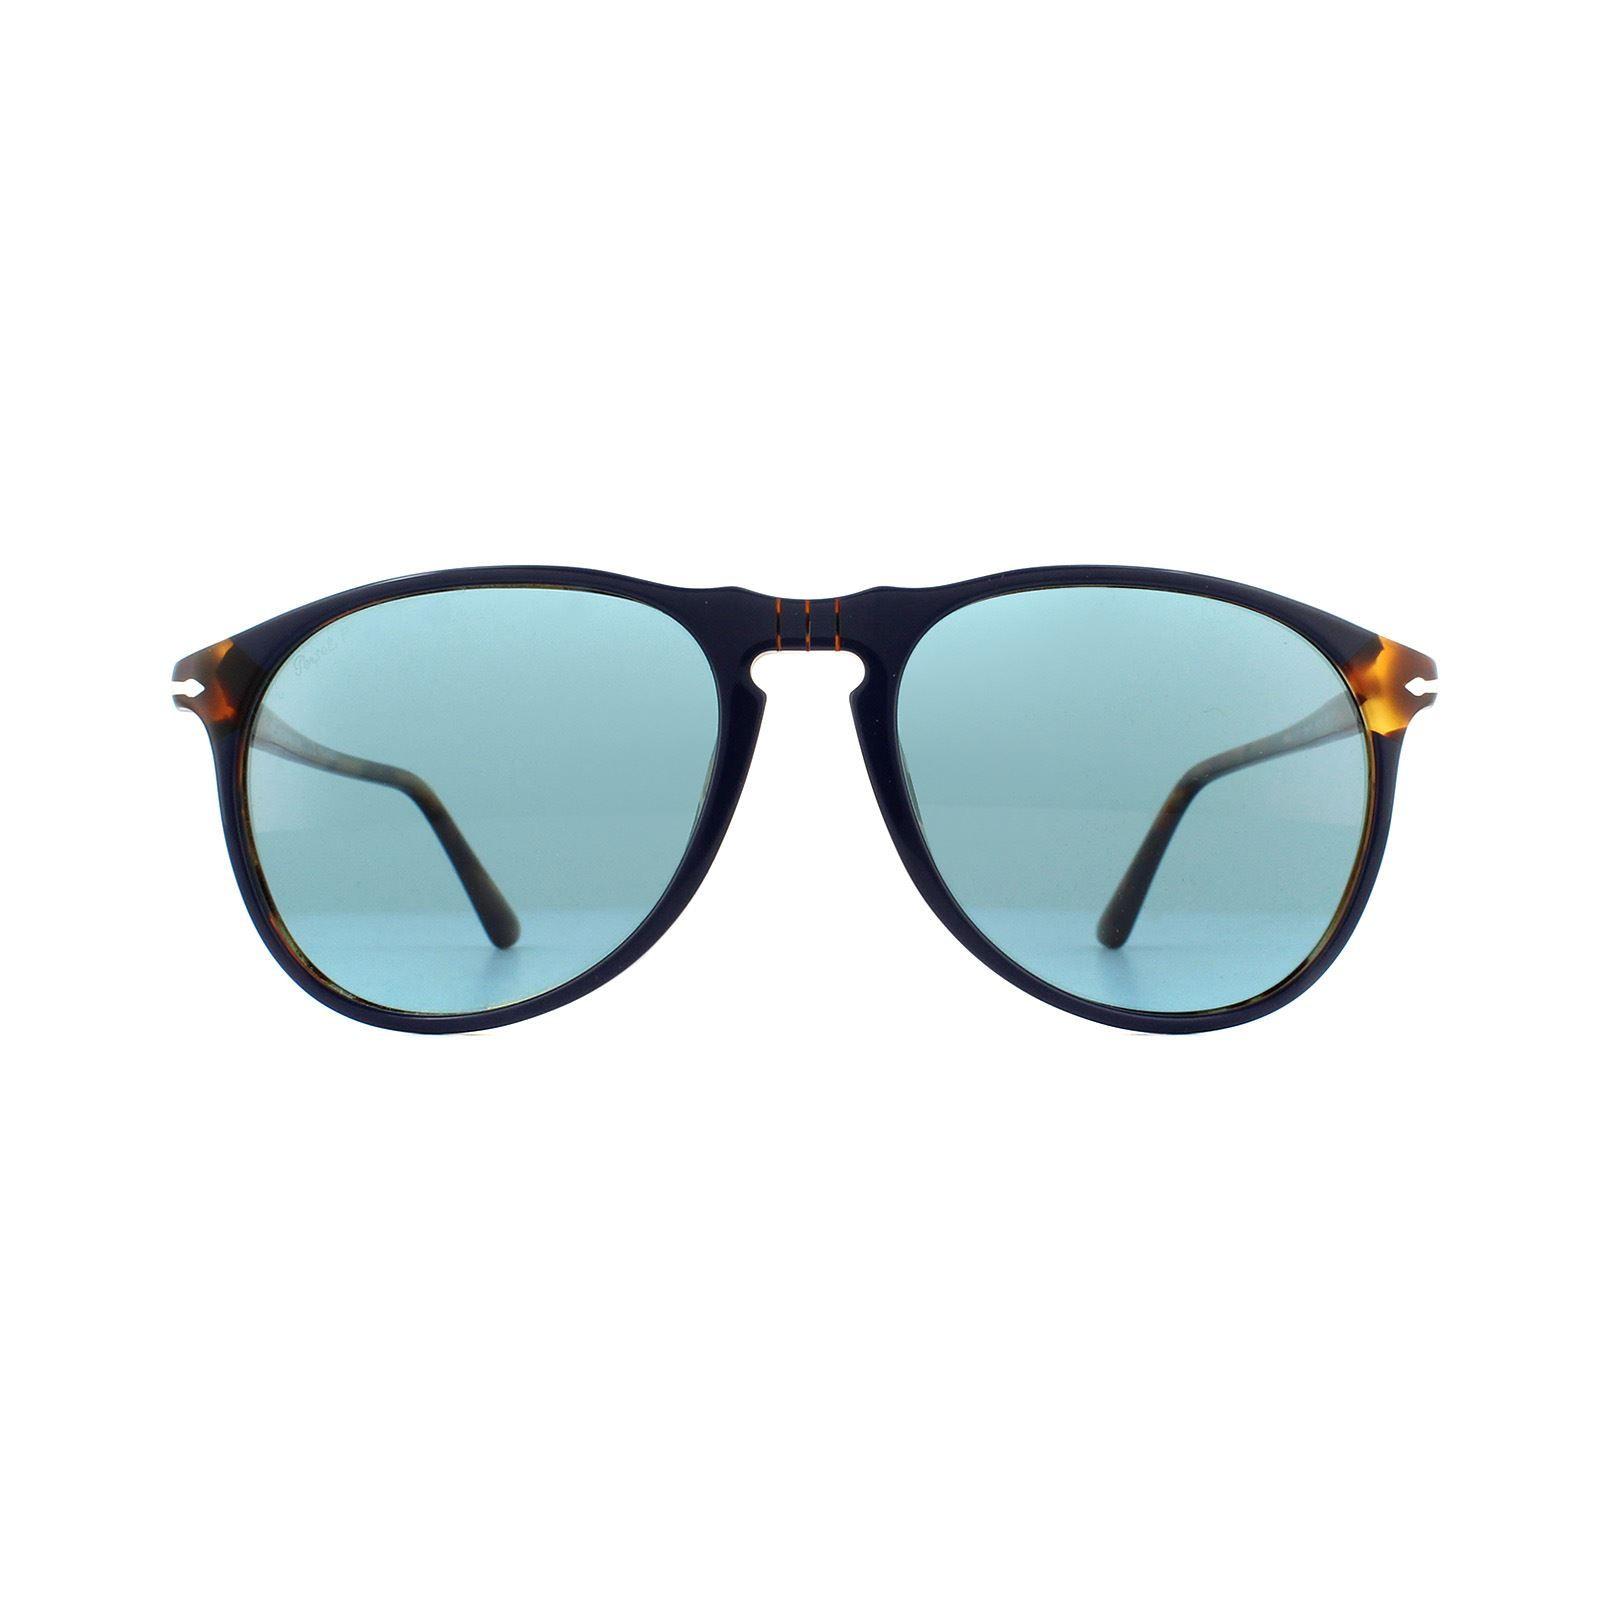 Persol Sunglasses PO6649SM 1095P1 Blue Green Polarized